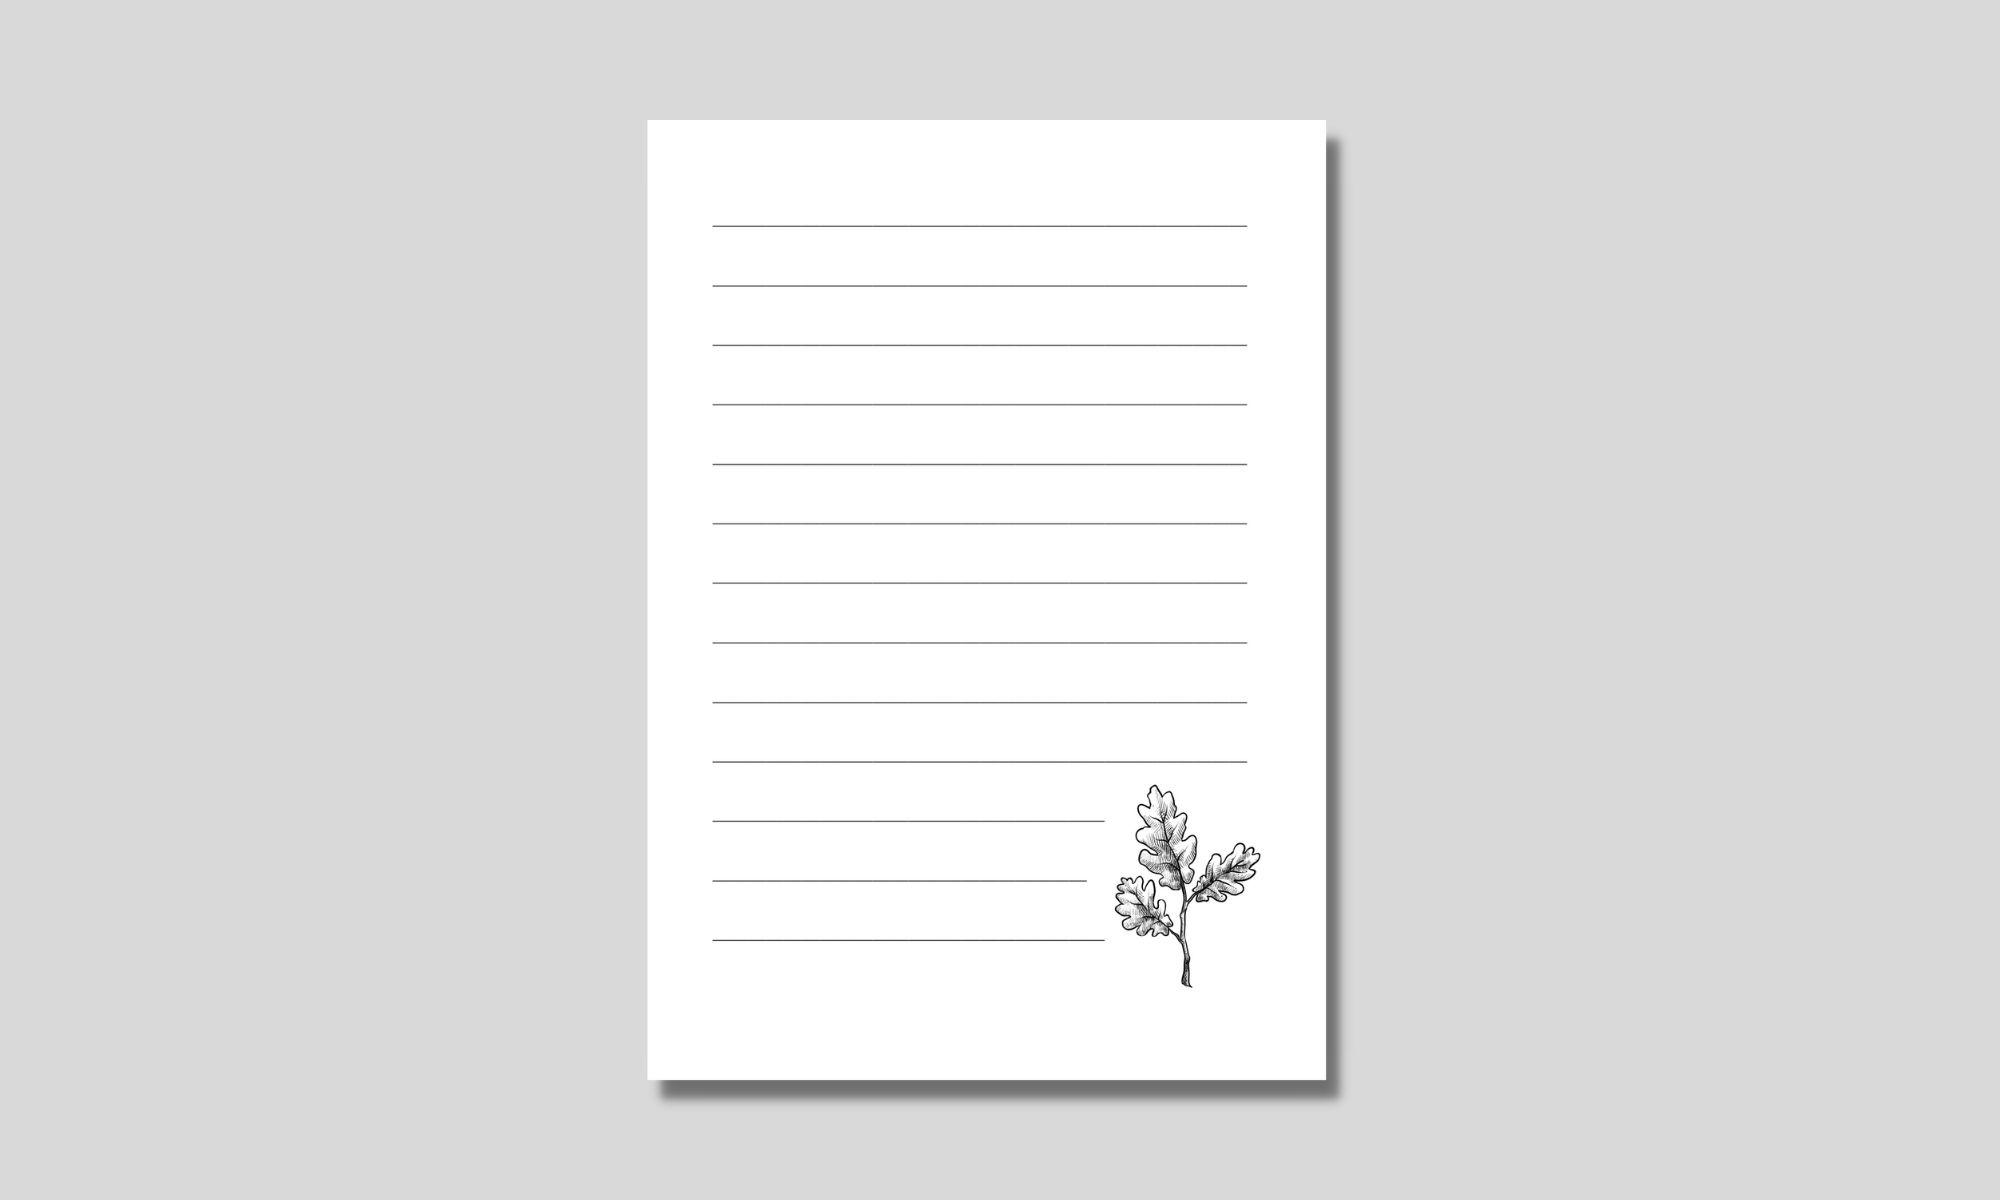 enkelt linjerat papper med eklöv